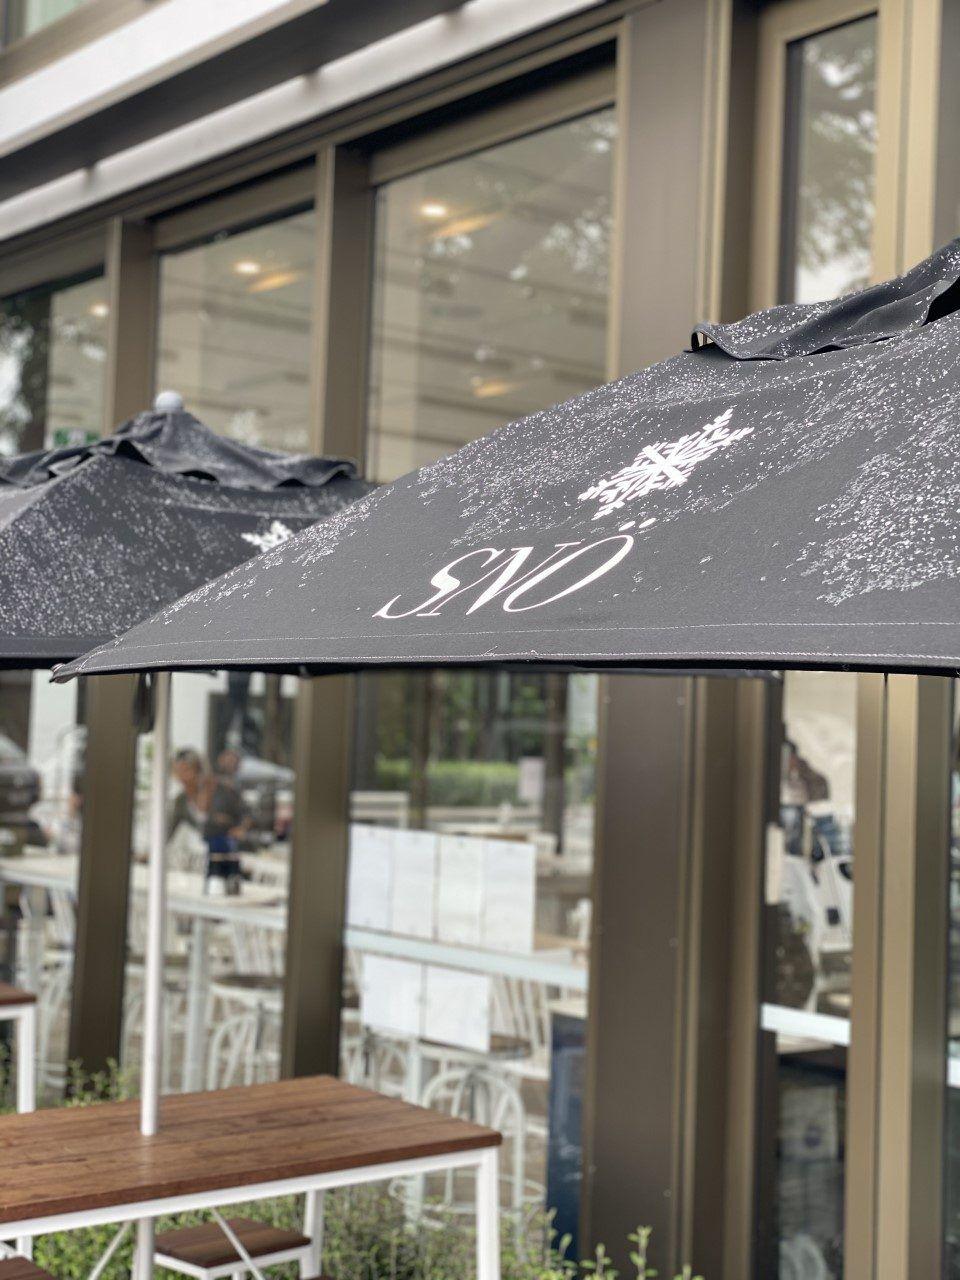 Venice sun umbrella at Sno cafe